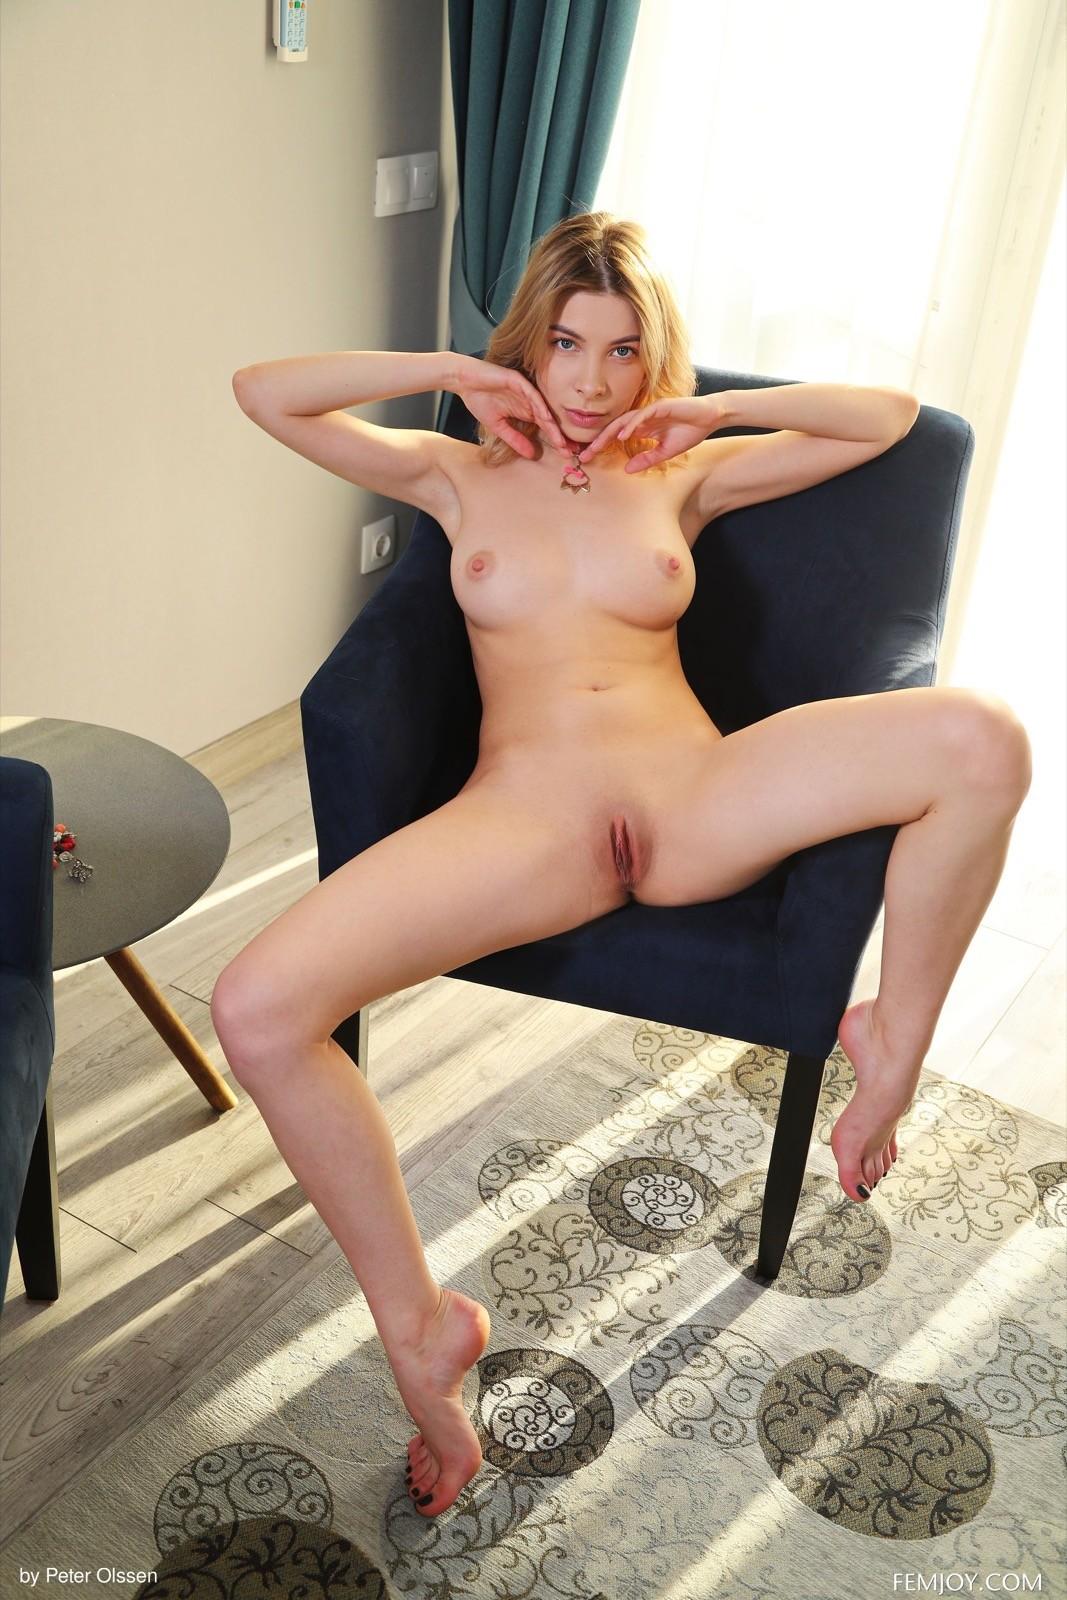 Фигуристая голая девушка с шалью - фото